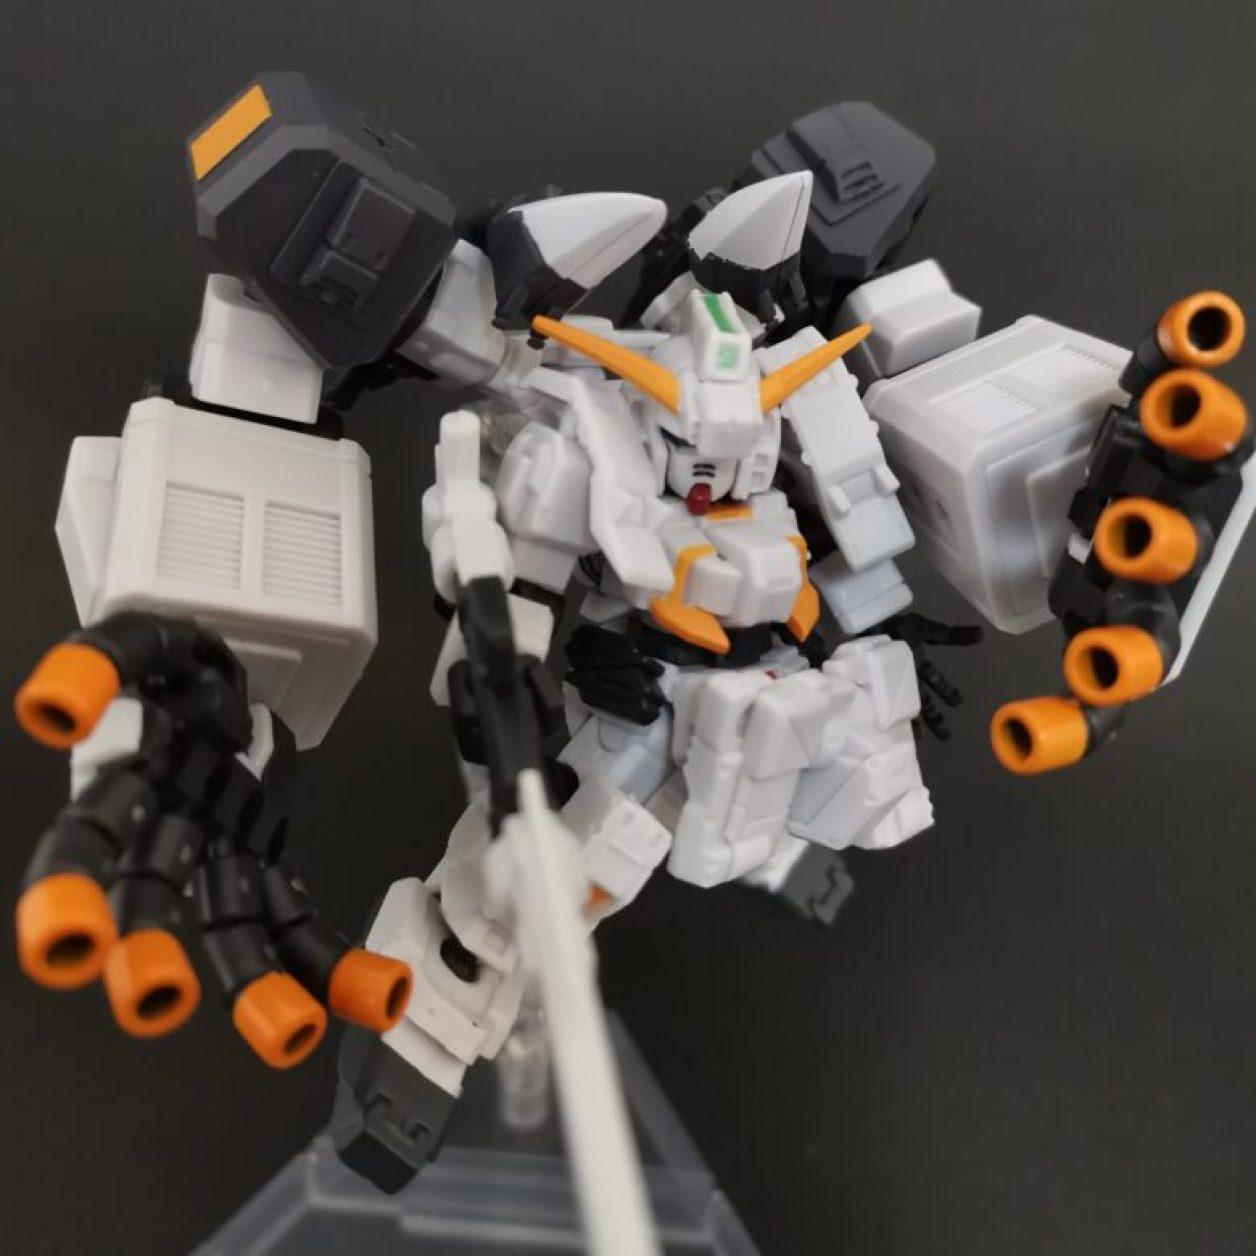 mobile suit ensemble (モビルスーツアンサンブル)ex23弾のガンダムtr-1[ヘイズル·アウスラ](ギガンティックアームユニット装備)にロングブレードライフルを装備させて高性能光学センサーユニットからノーマルセンサーに換装してニューフライングベースでディスプレイした画像